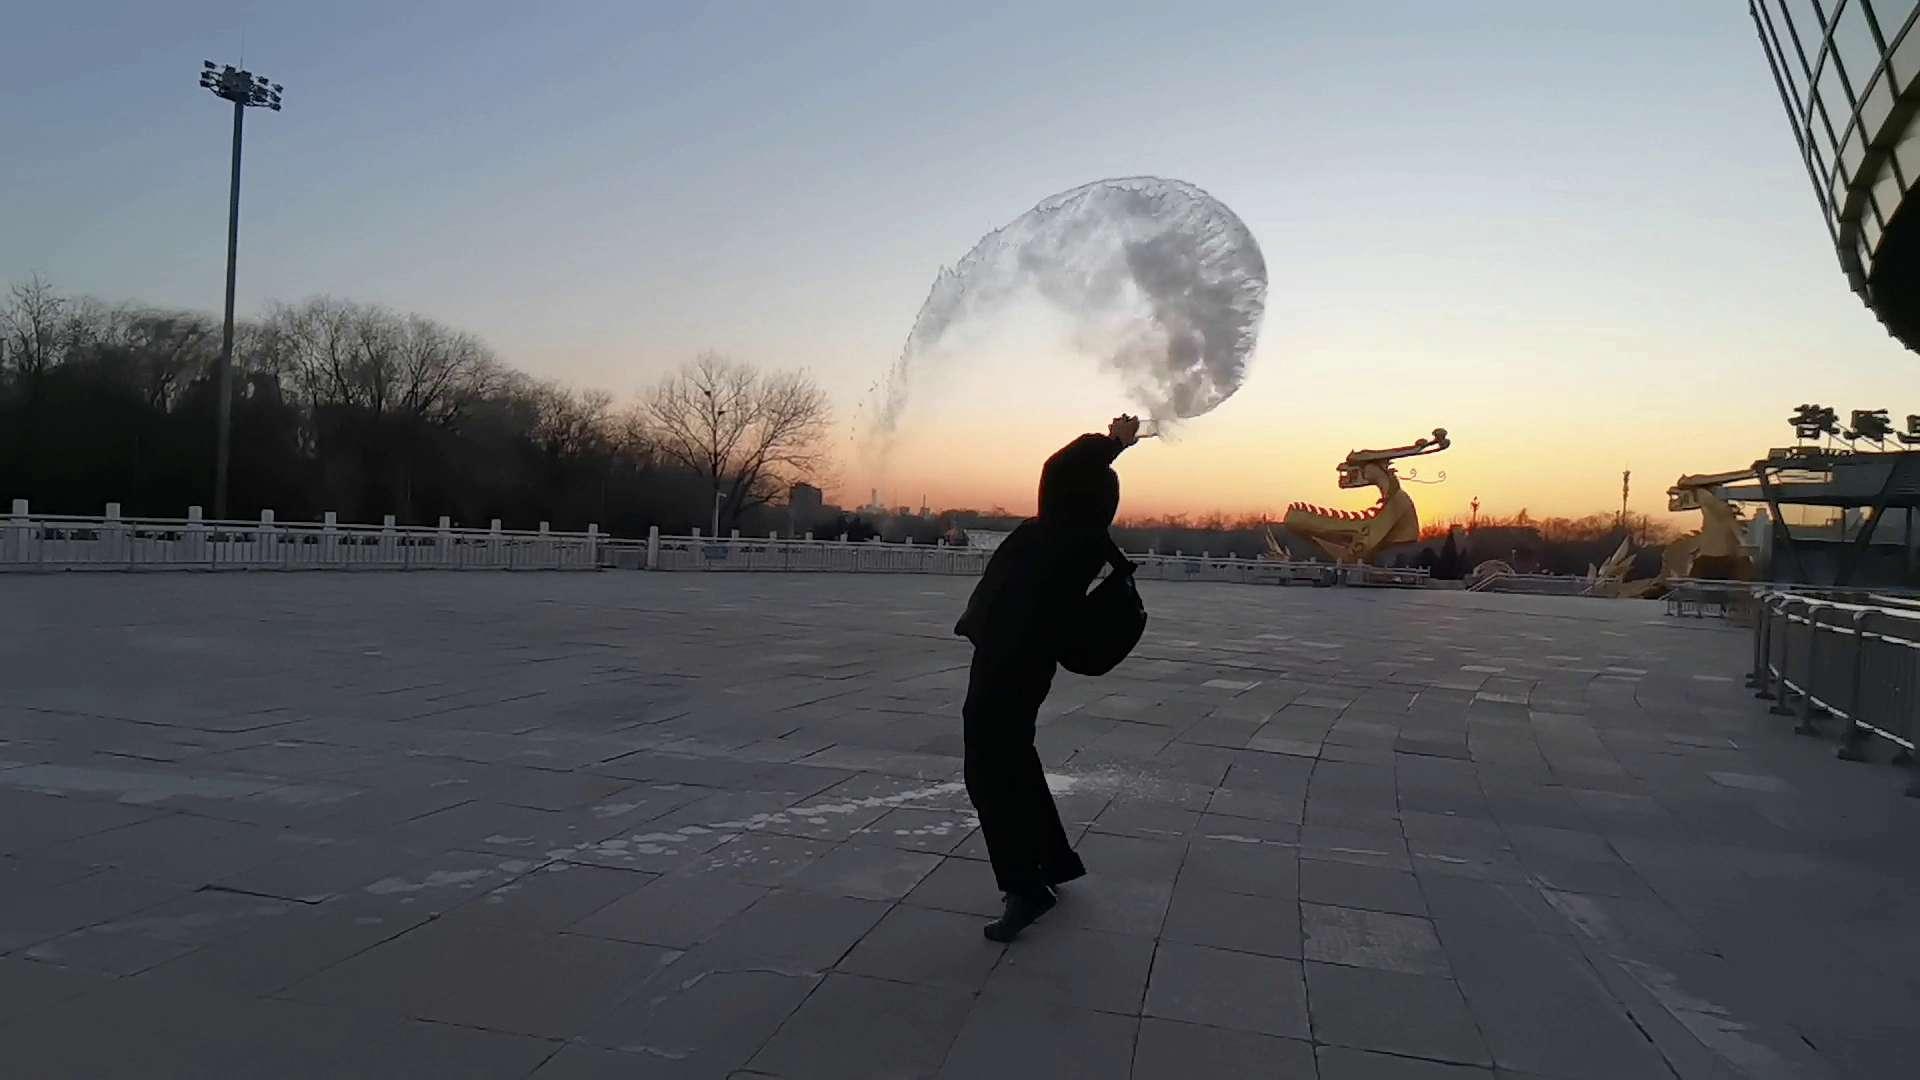 北京也能泼水成冰|超级慢动作应用,爱摄影-荣耀俱乐部